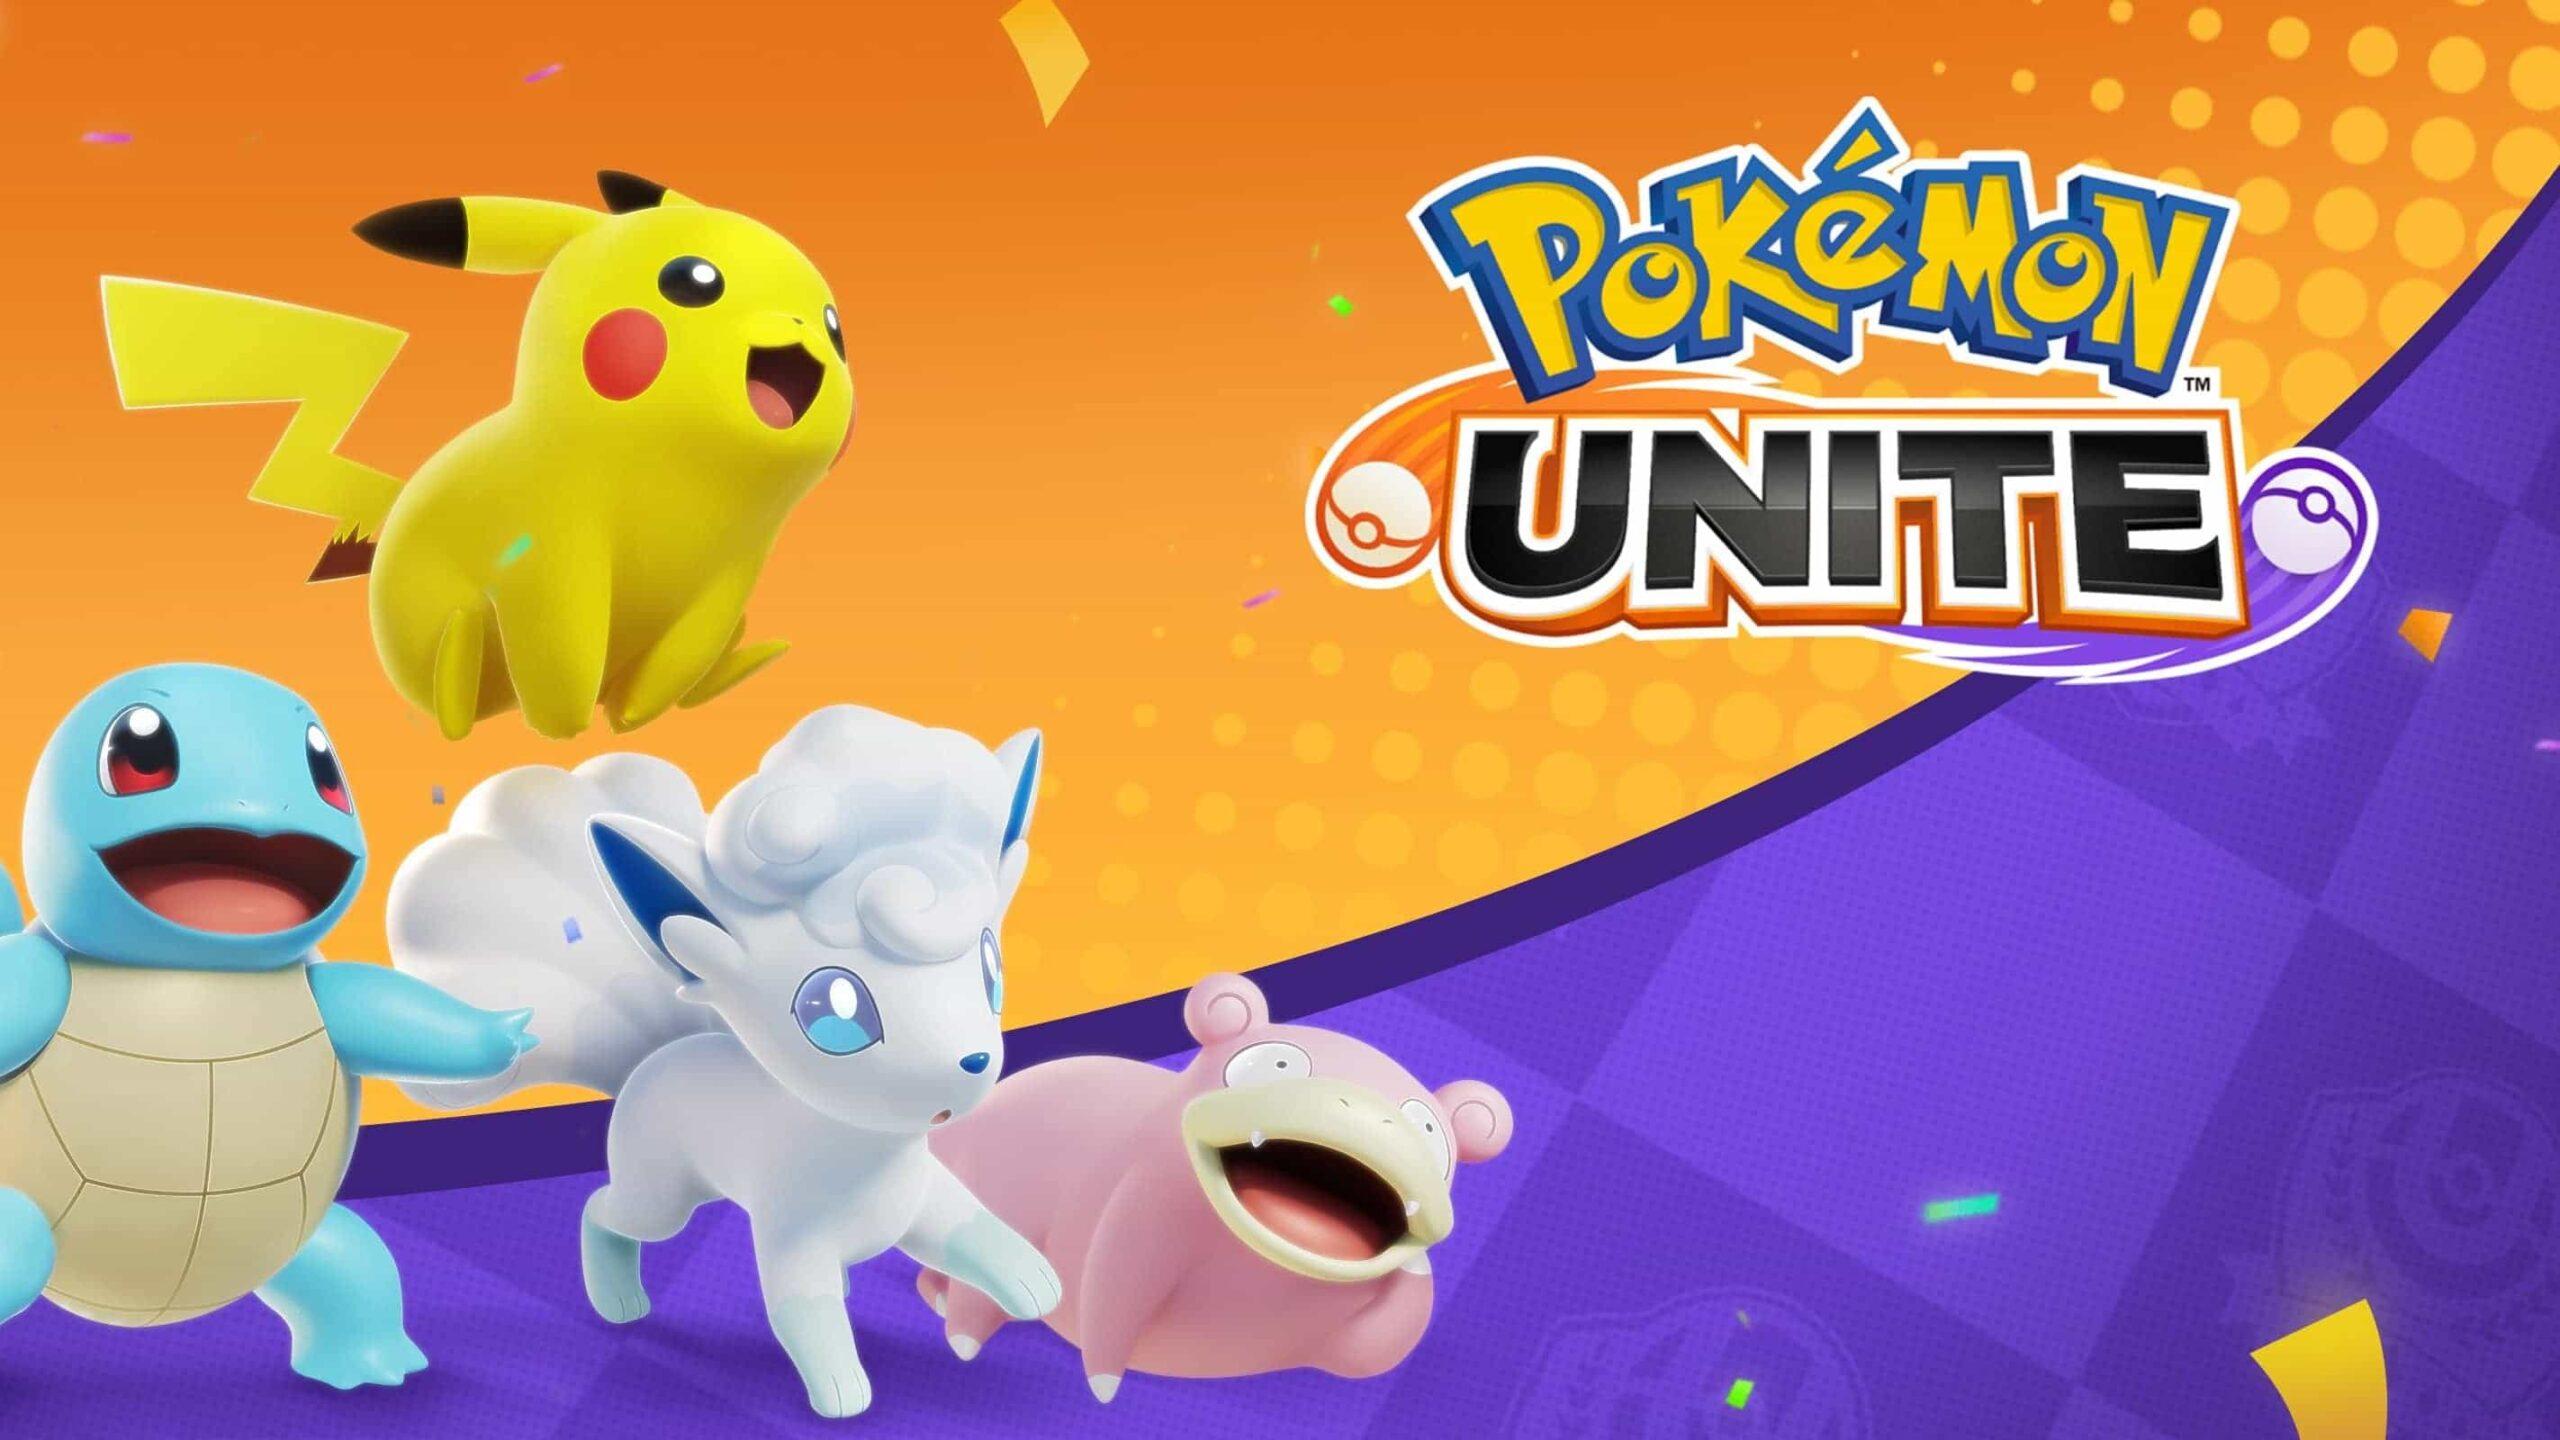 Tipos de pokémon en Pokémon Unite e integrantes de cada uno | Kyaooo